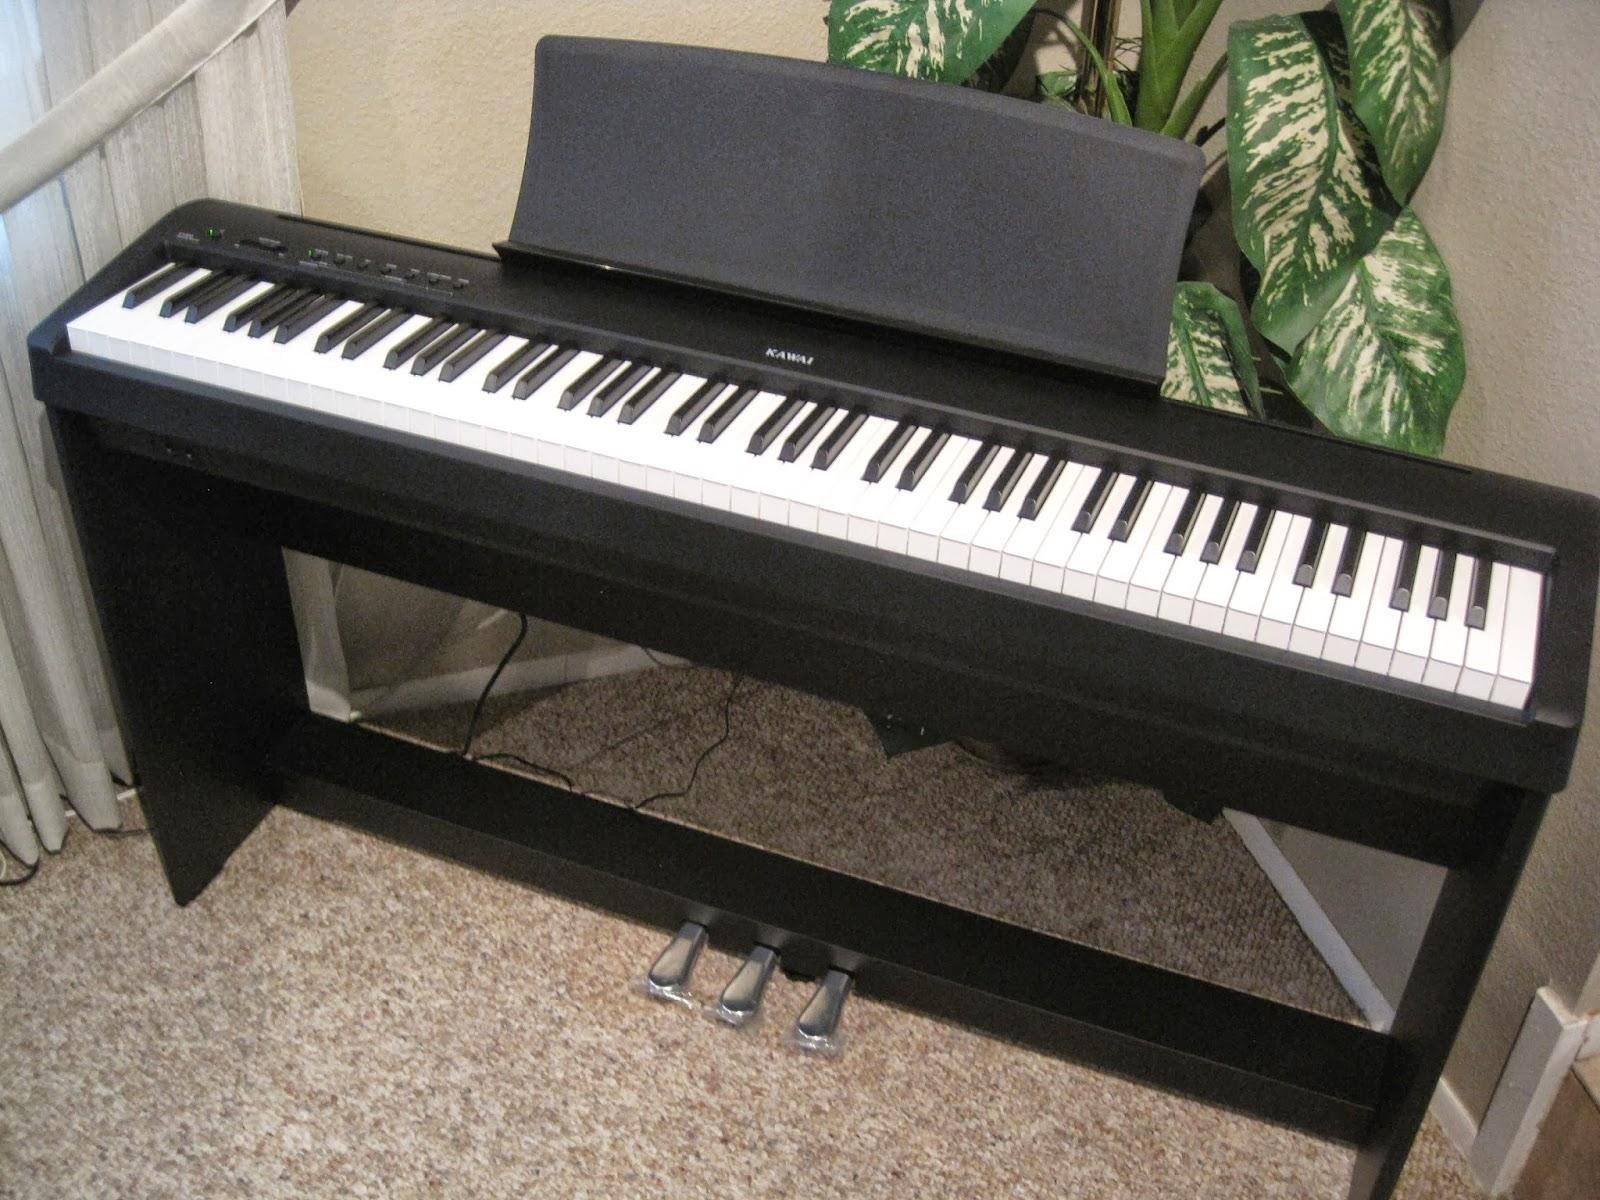 Az piano reviews review digital pianos under 1000 go here for Yamaha p115 stand